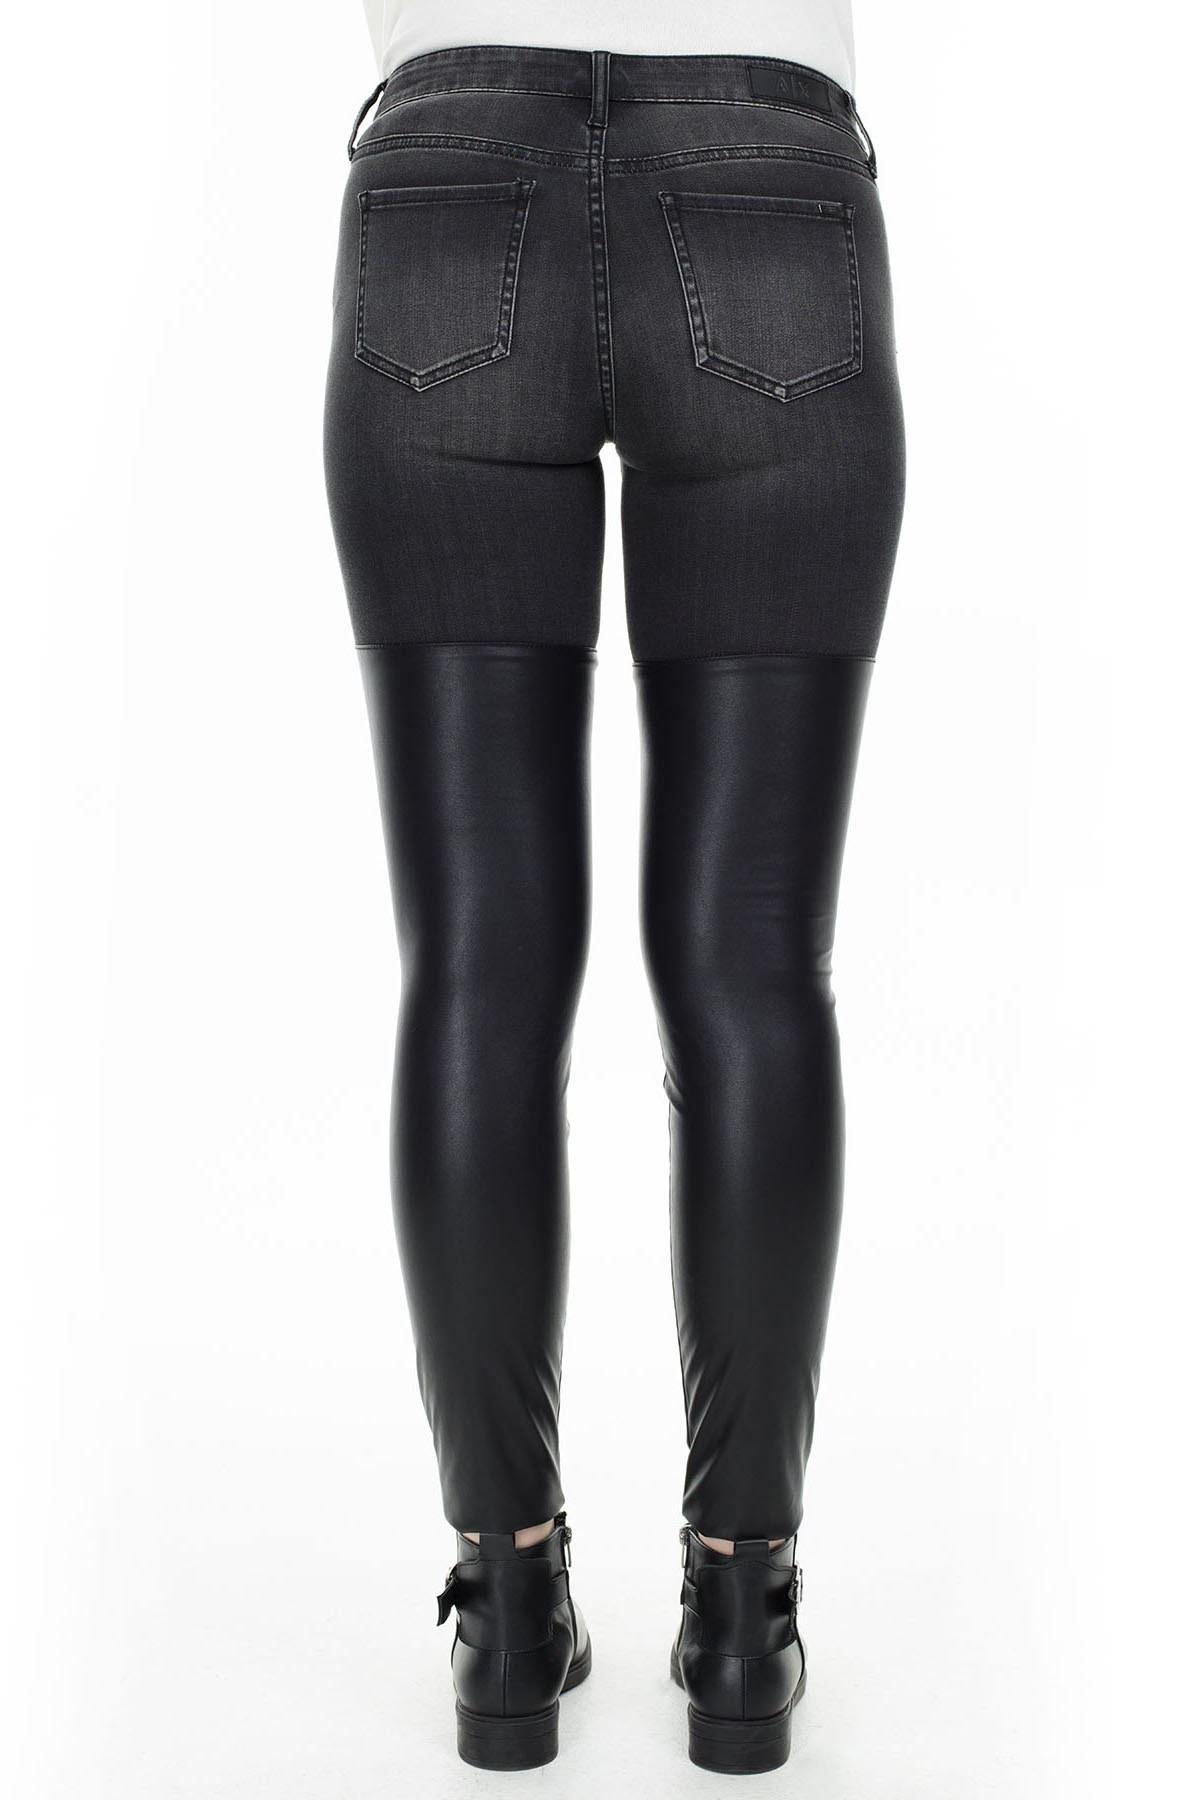 Armani Exchange J50 Jeans Kadın Kot Pantolon 6GYJ50 Y2HQZ 0204 SİYAH